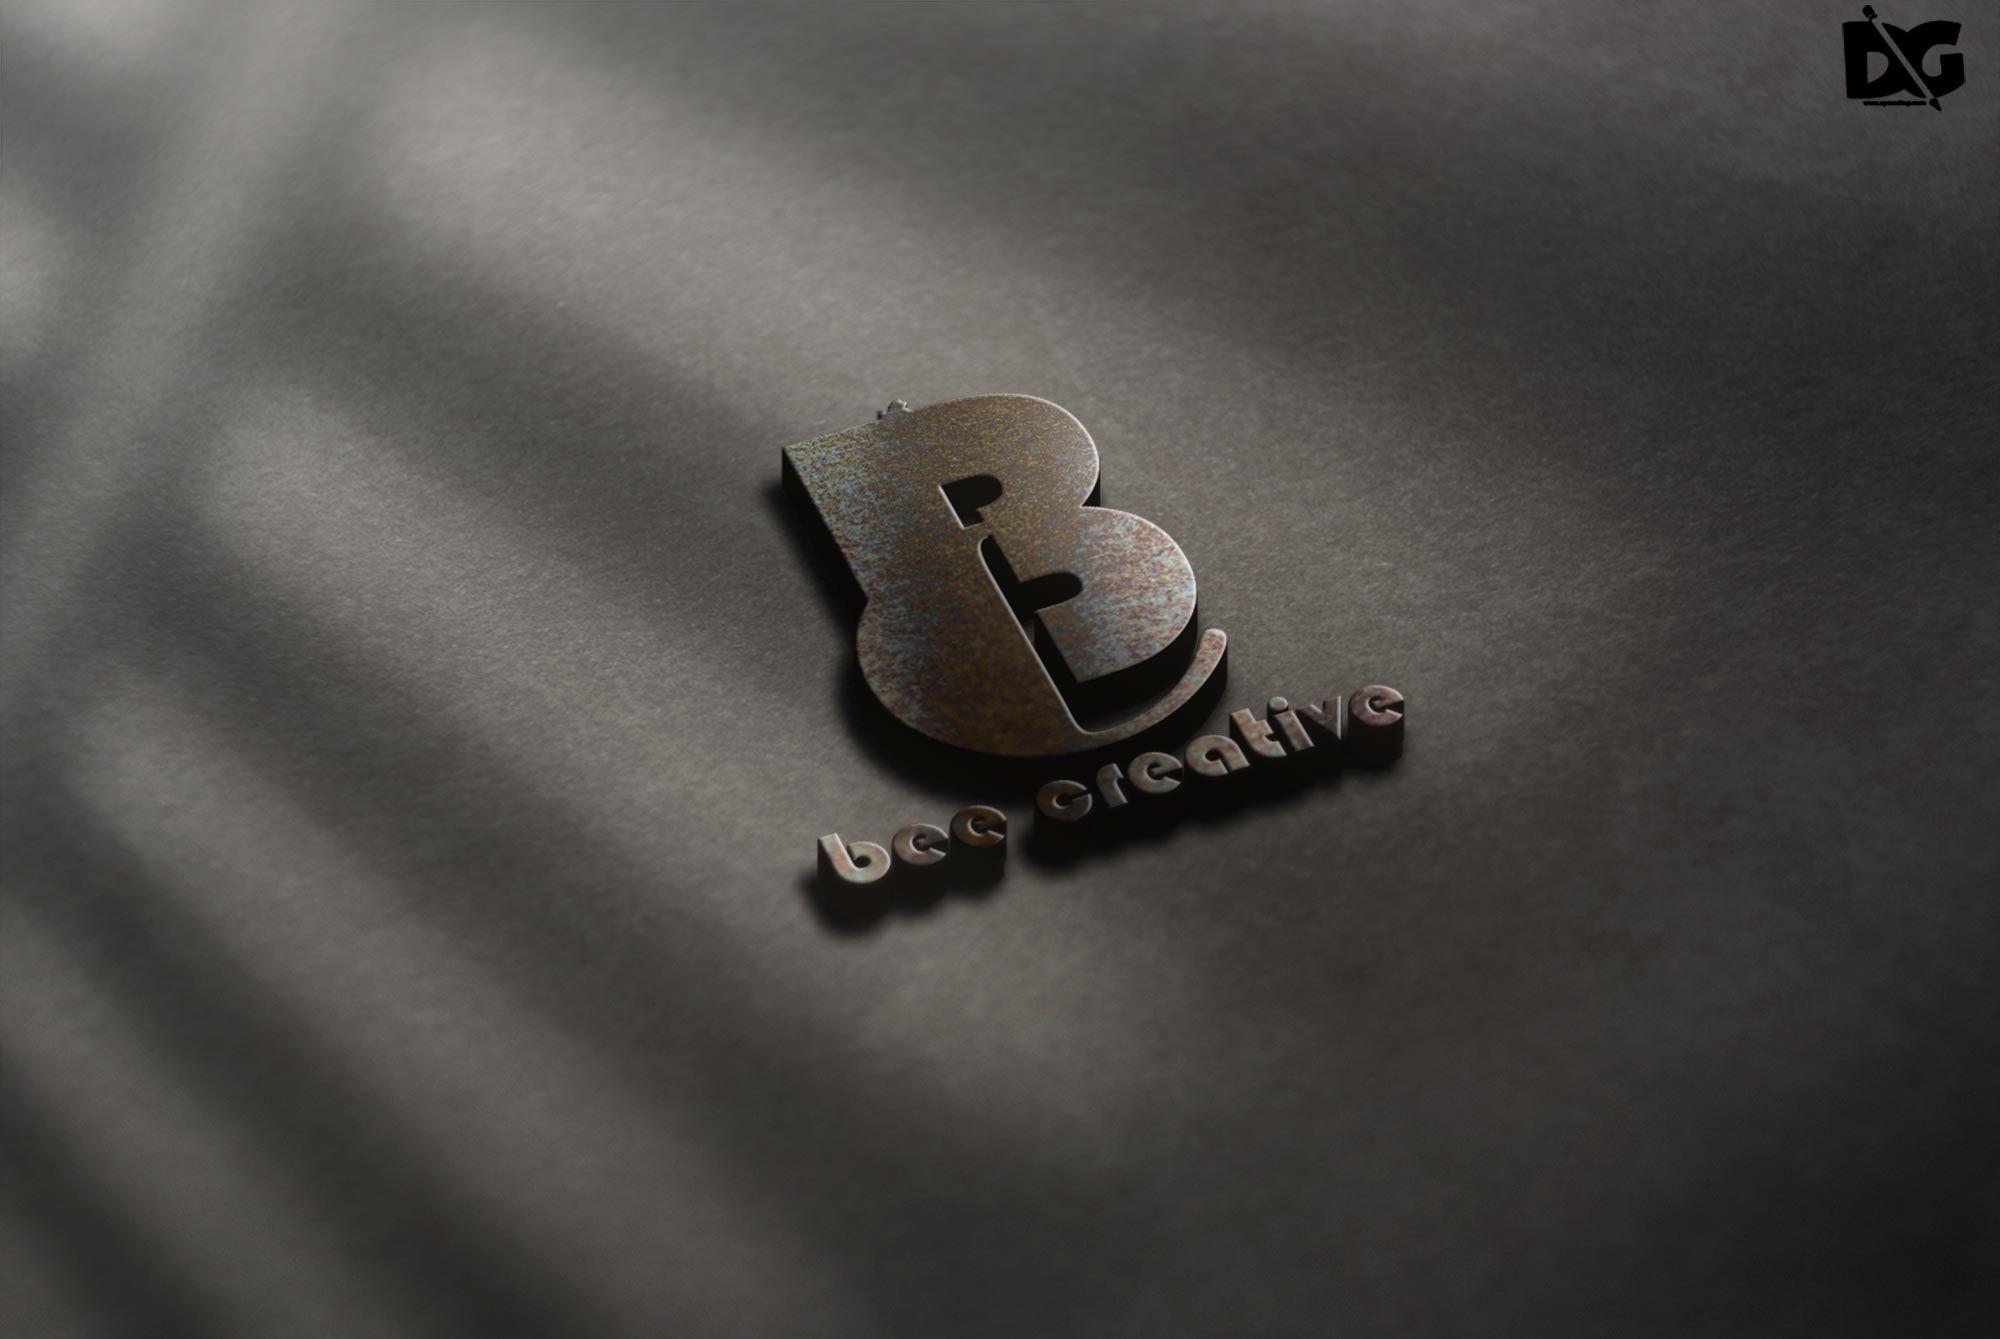 Premium PSD 3D Logo Mockup in 2020 Free logo mockup